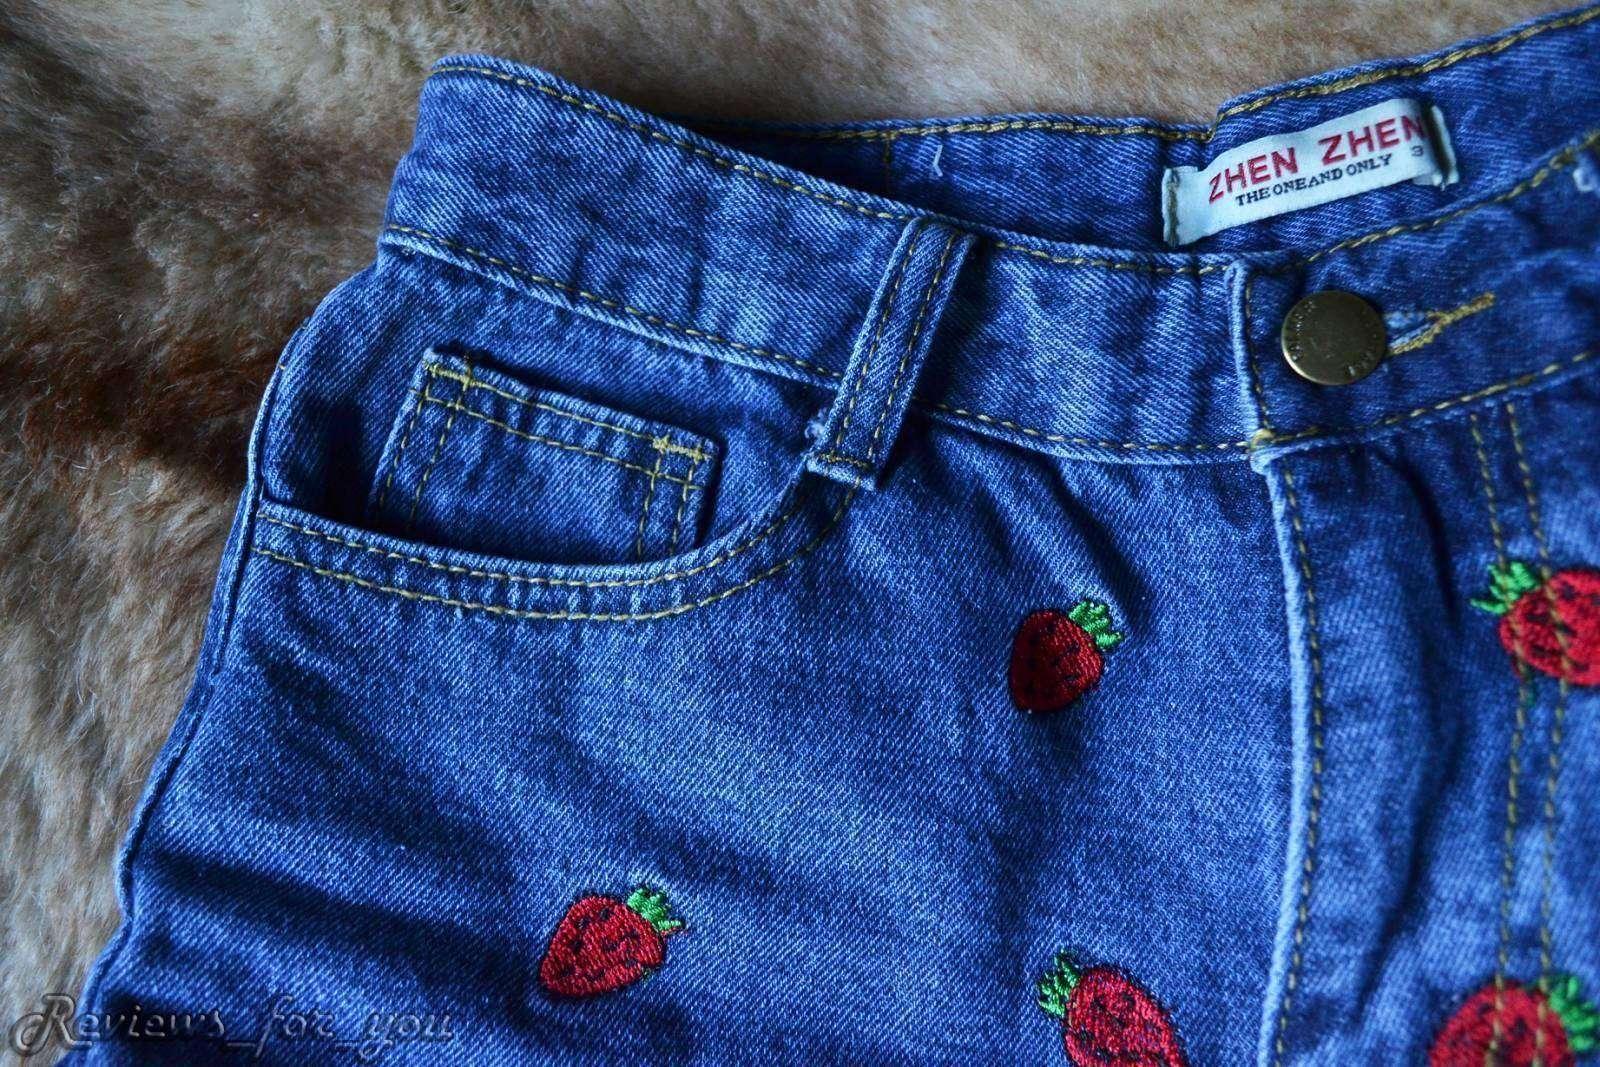 Aliexpress: Джинсовые шорты с клубничками